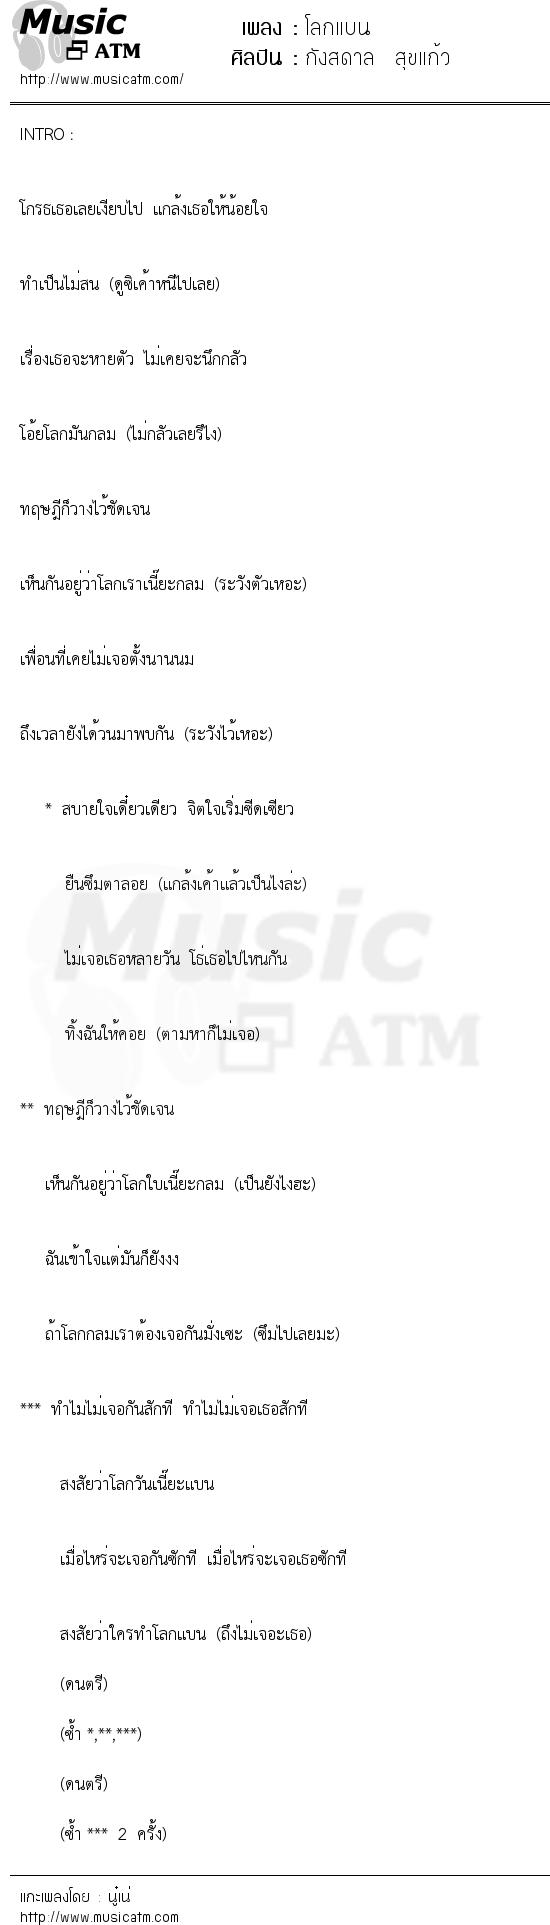 โลกแบน | เพลงไทย